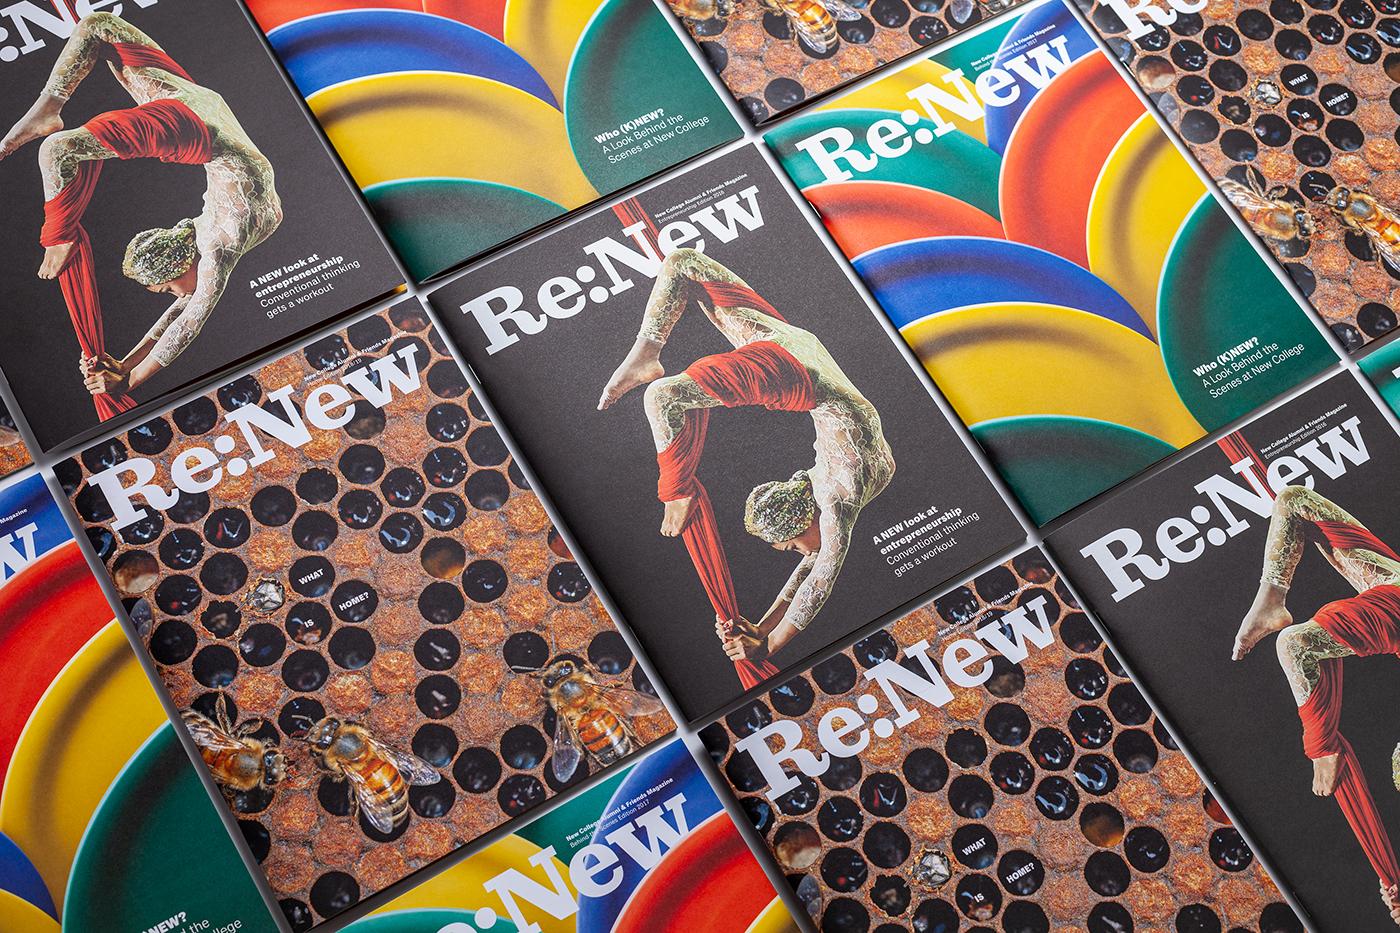 ReNew magazine covers